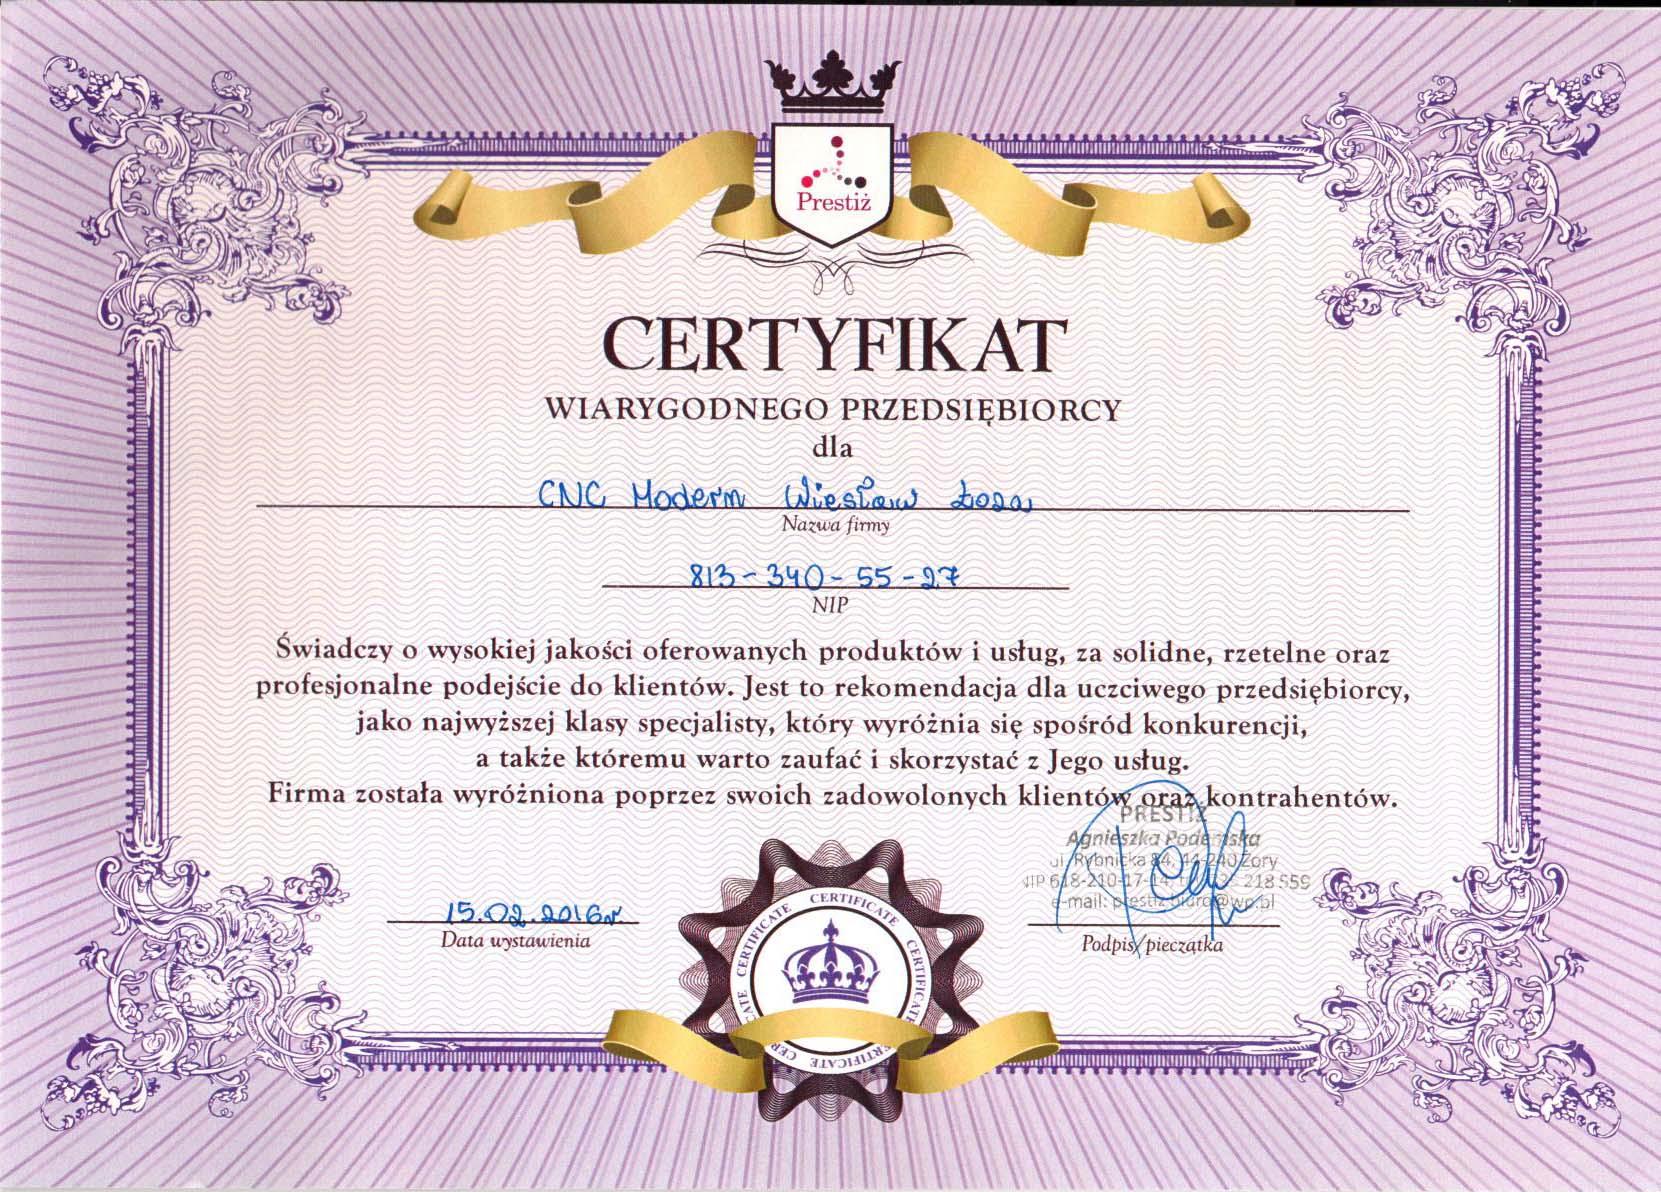 Certyfikat wiarygodnego Przedsiębiorcy